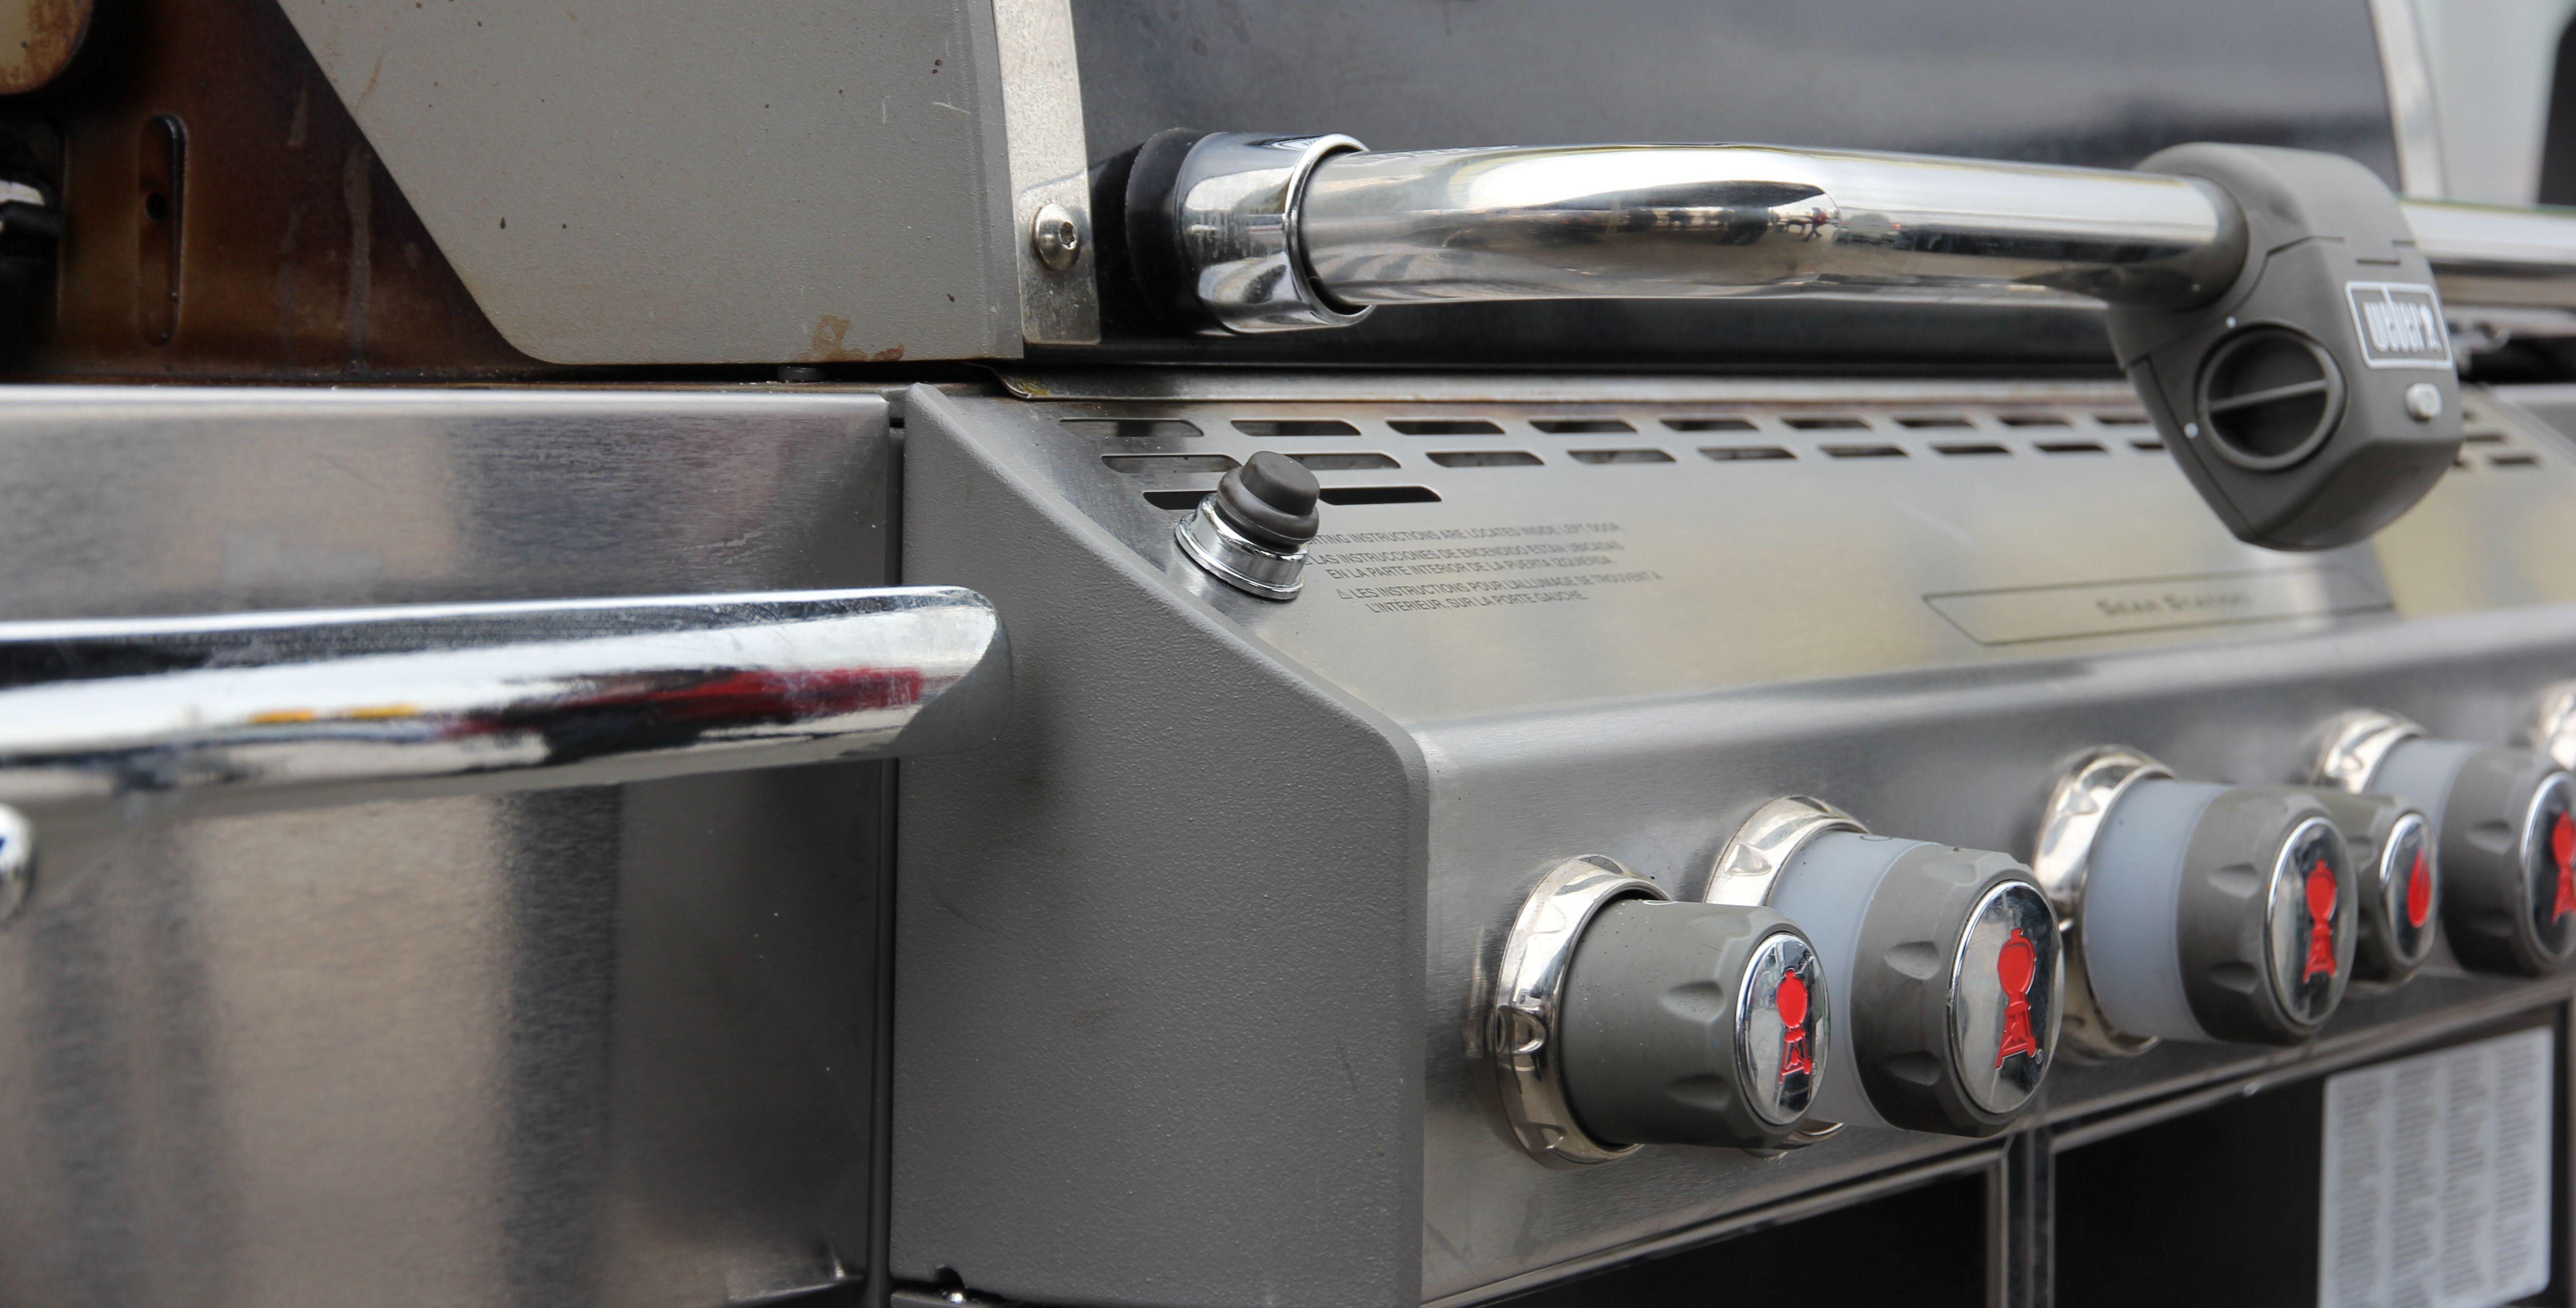 Weber Elektrogrill Lagerhaus : Gasgriller beim grillen gas geben lagerhaus hollabrunn horn